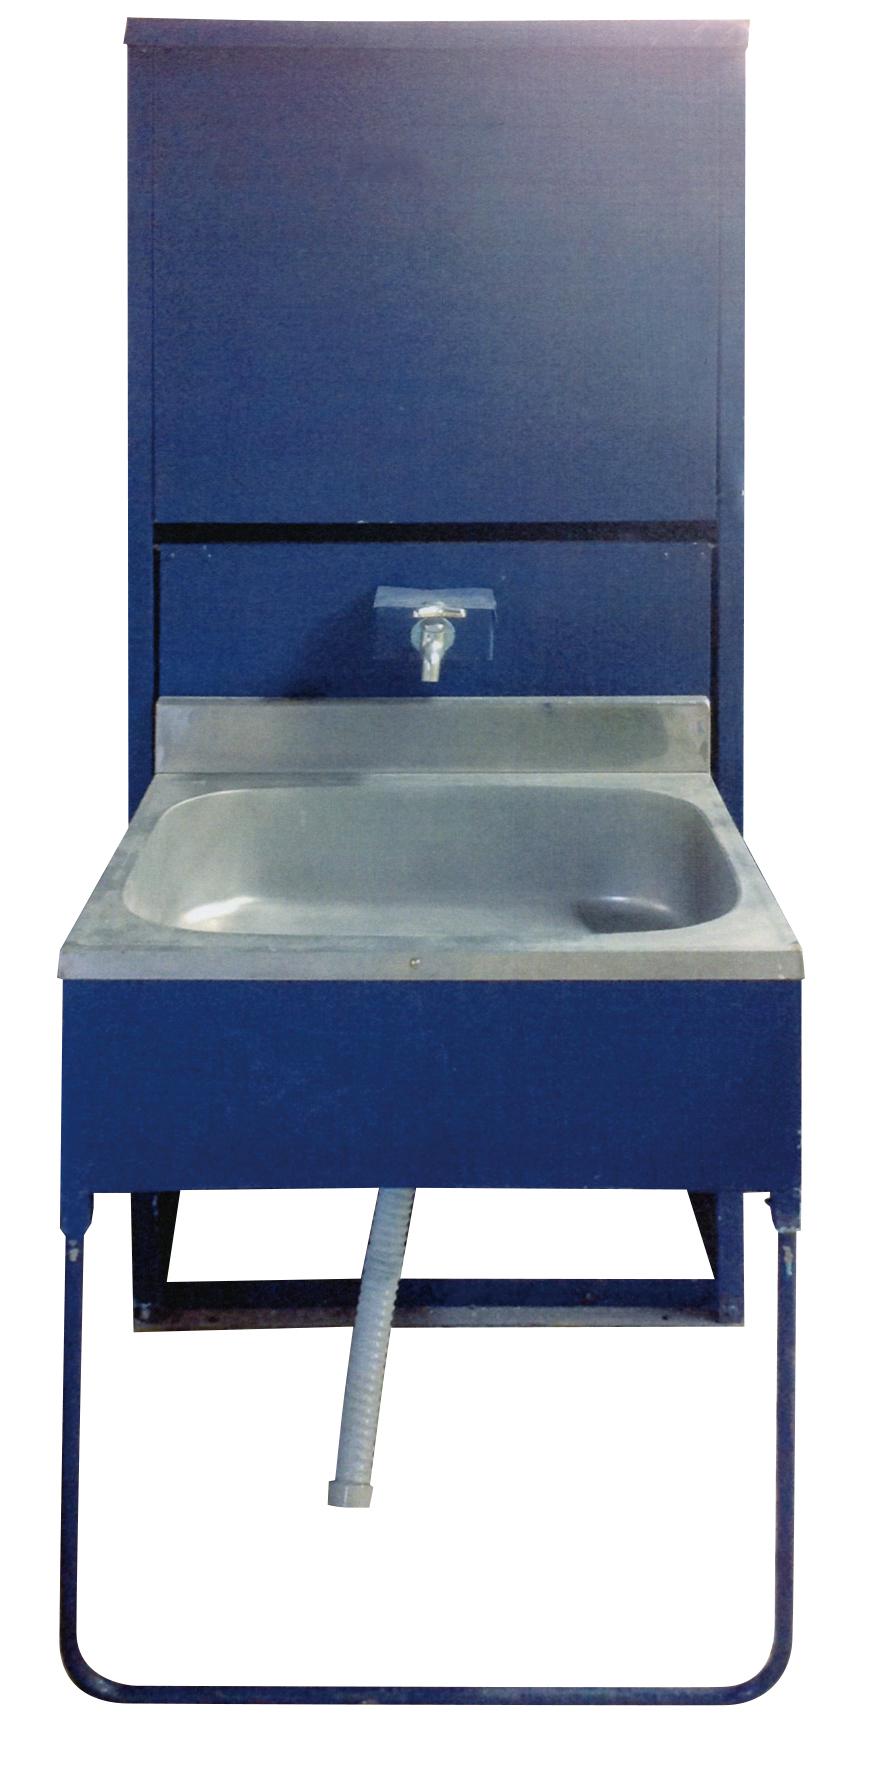 手洗い・シンク タンク付シンク